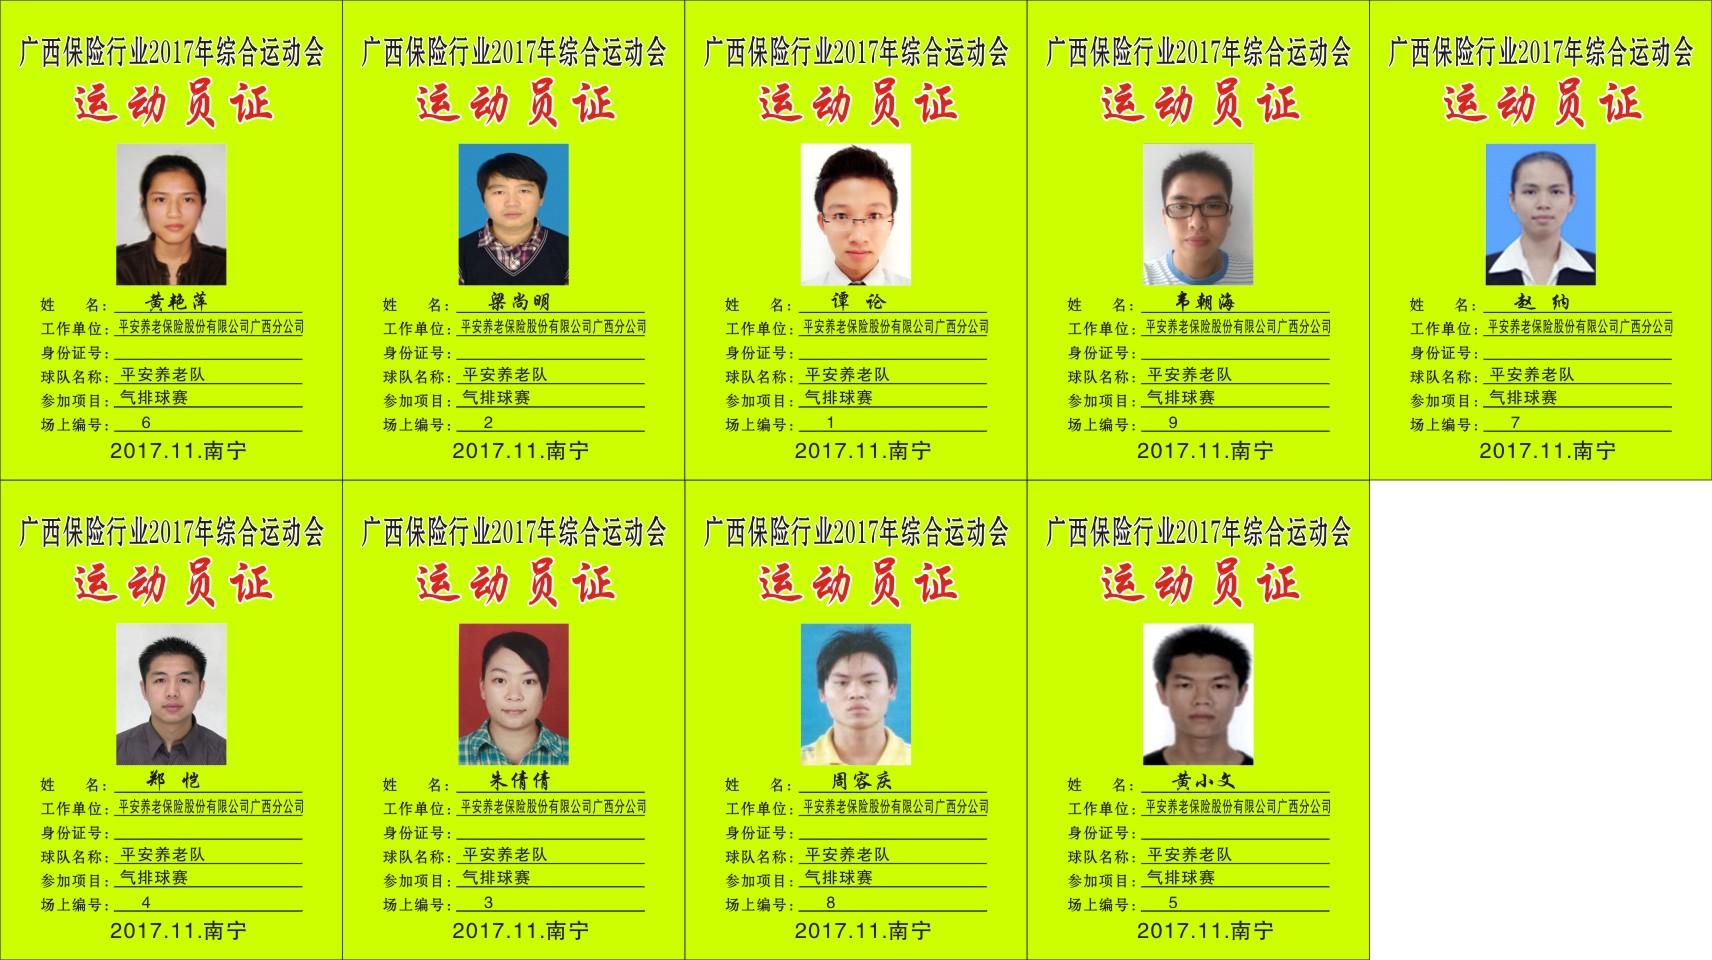 5平安养老保险股份有限公司广西分公司.jpg